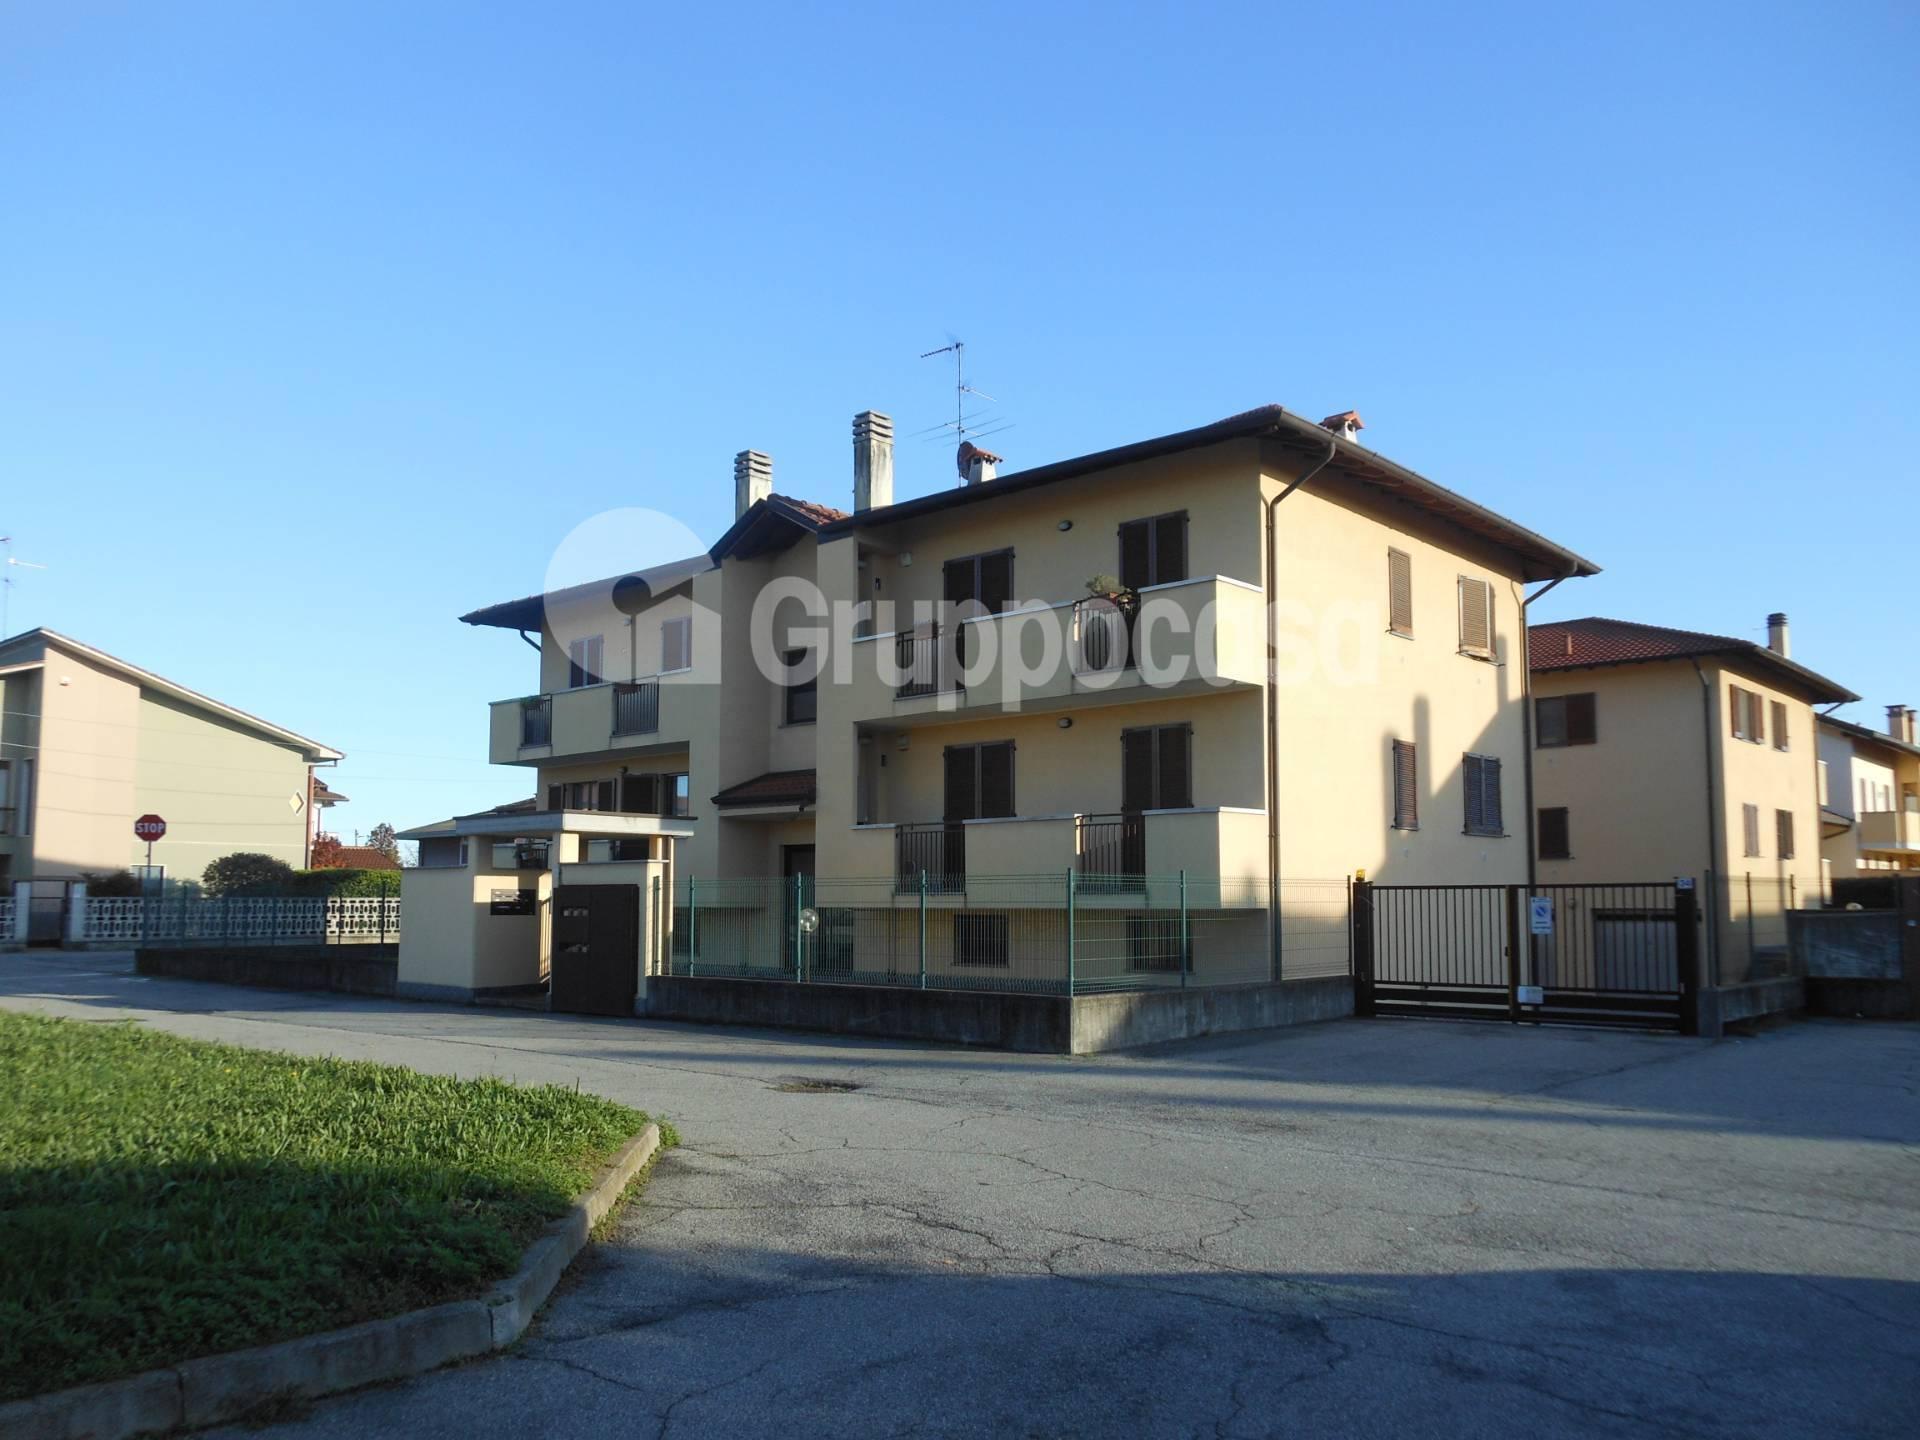 Appartamento in affitto a Bernate Ticino, 2 locali, prezzo € 550 | PortaleAgenzieImmobiliari.it